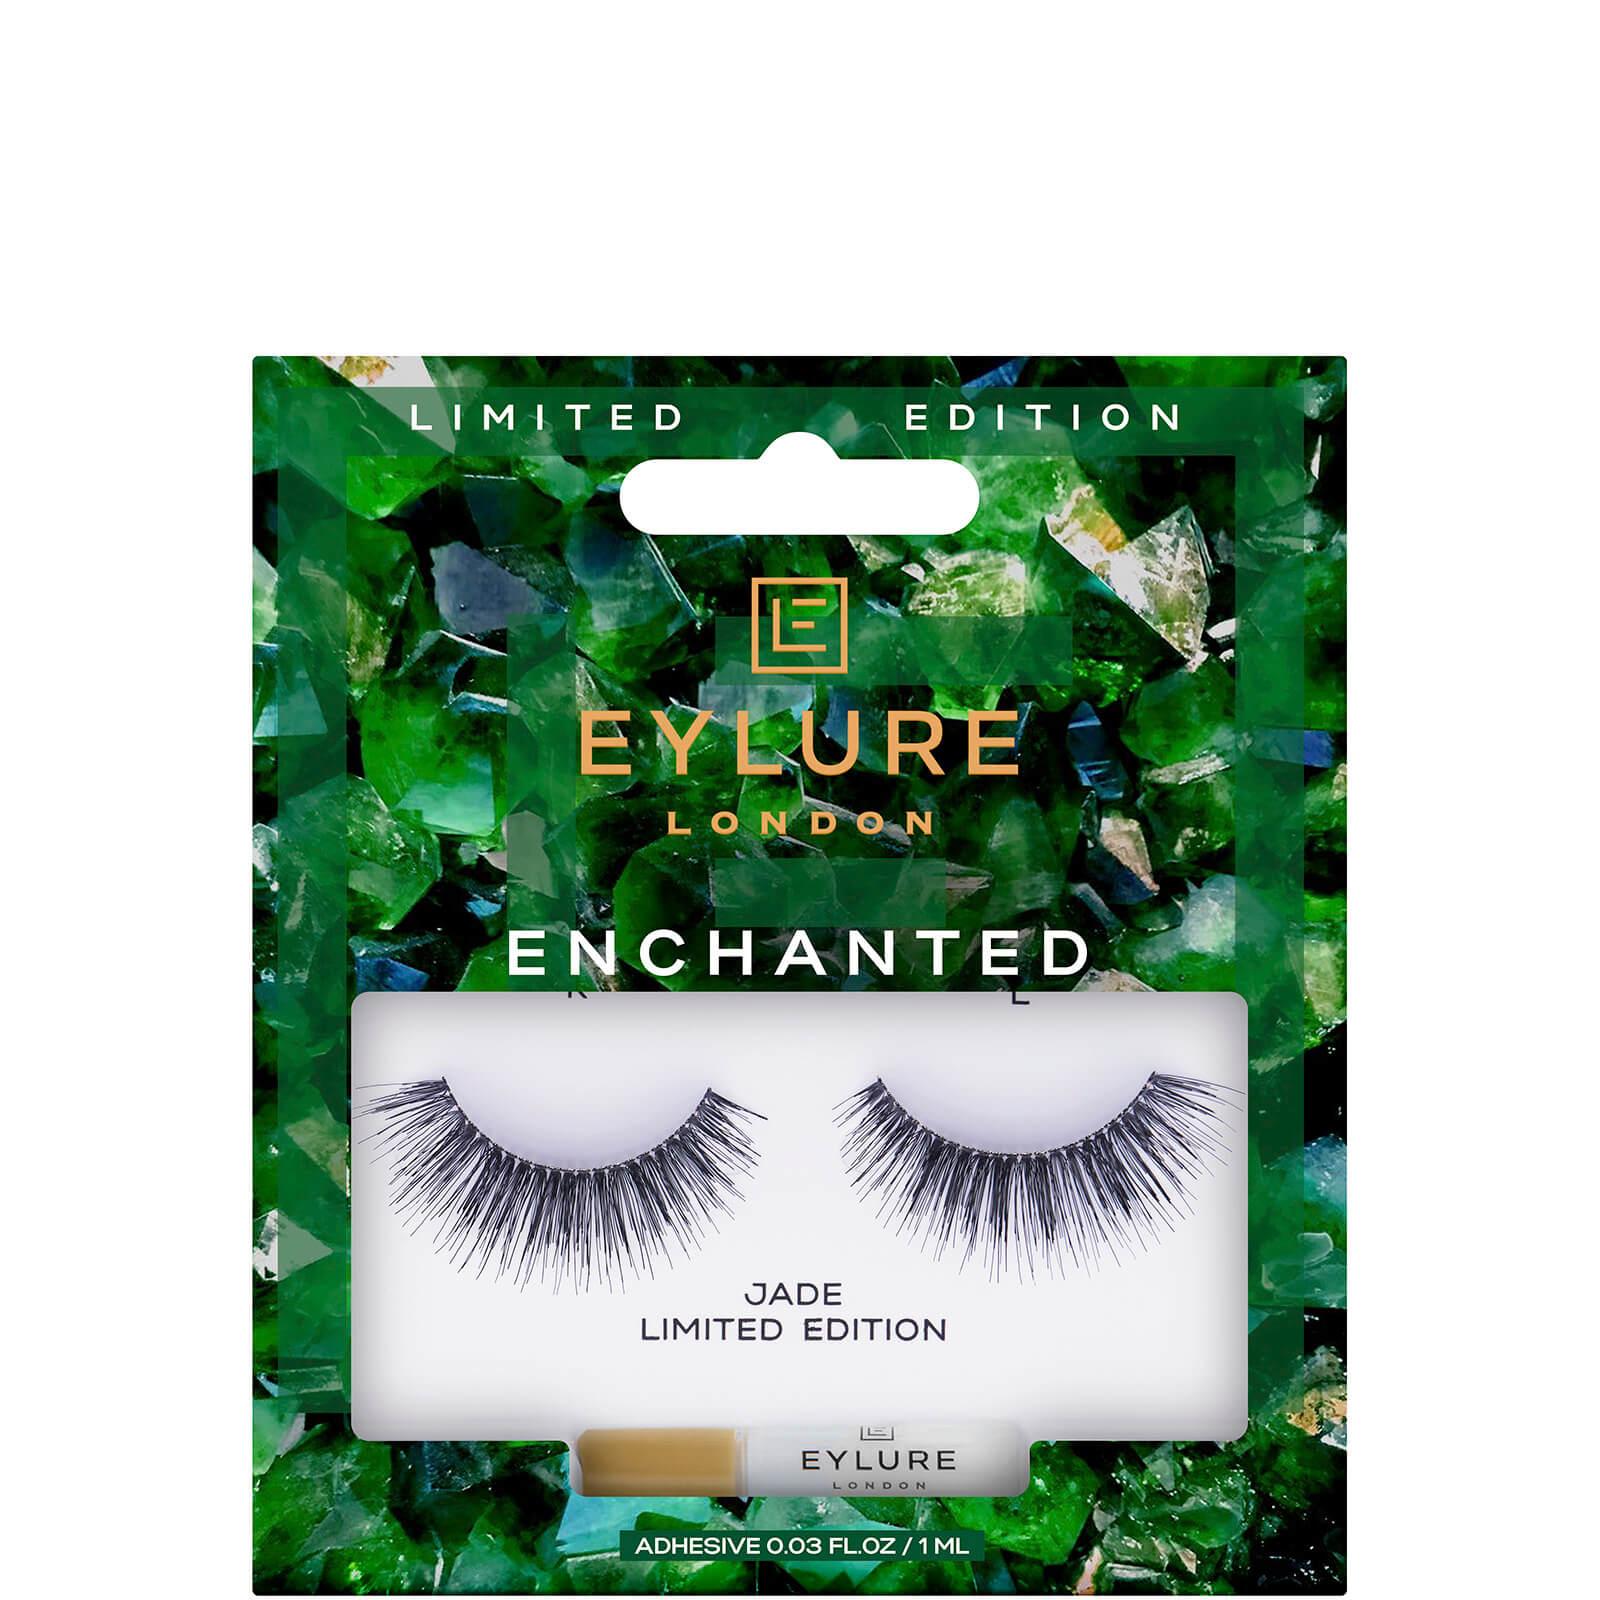 Купить Eylure Enchanted Lash - Jade